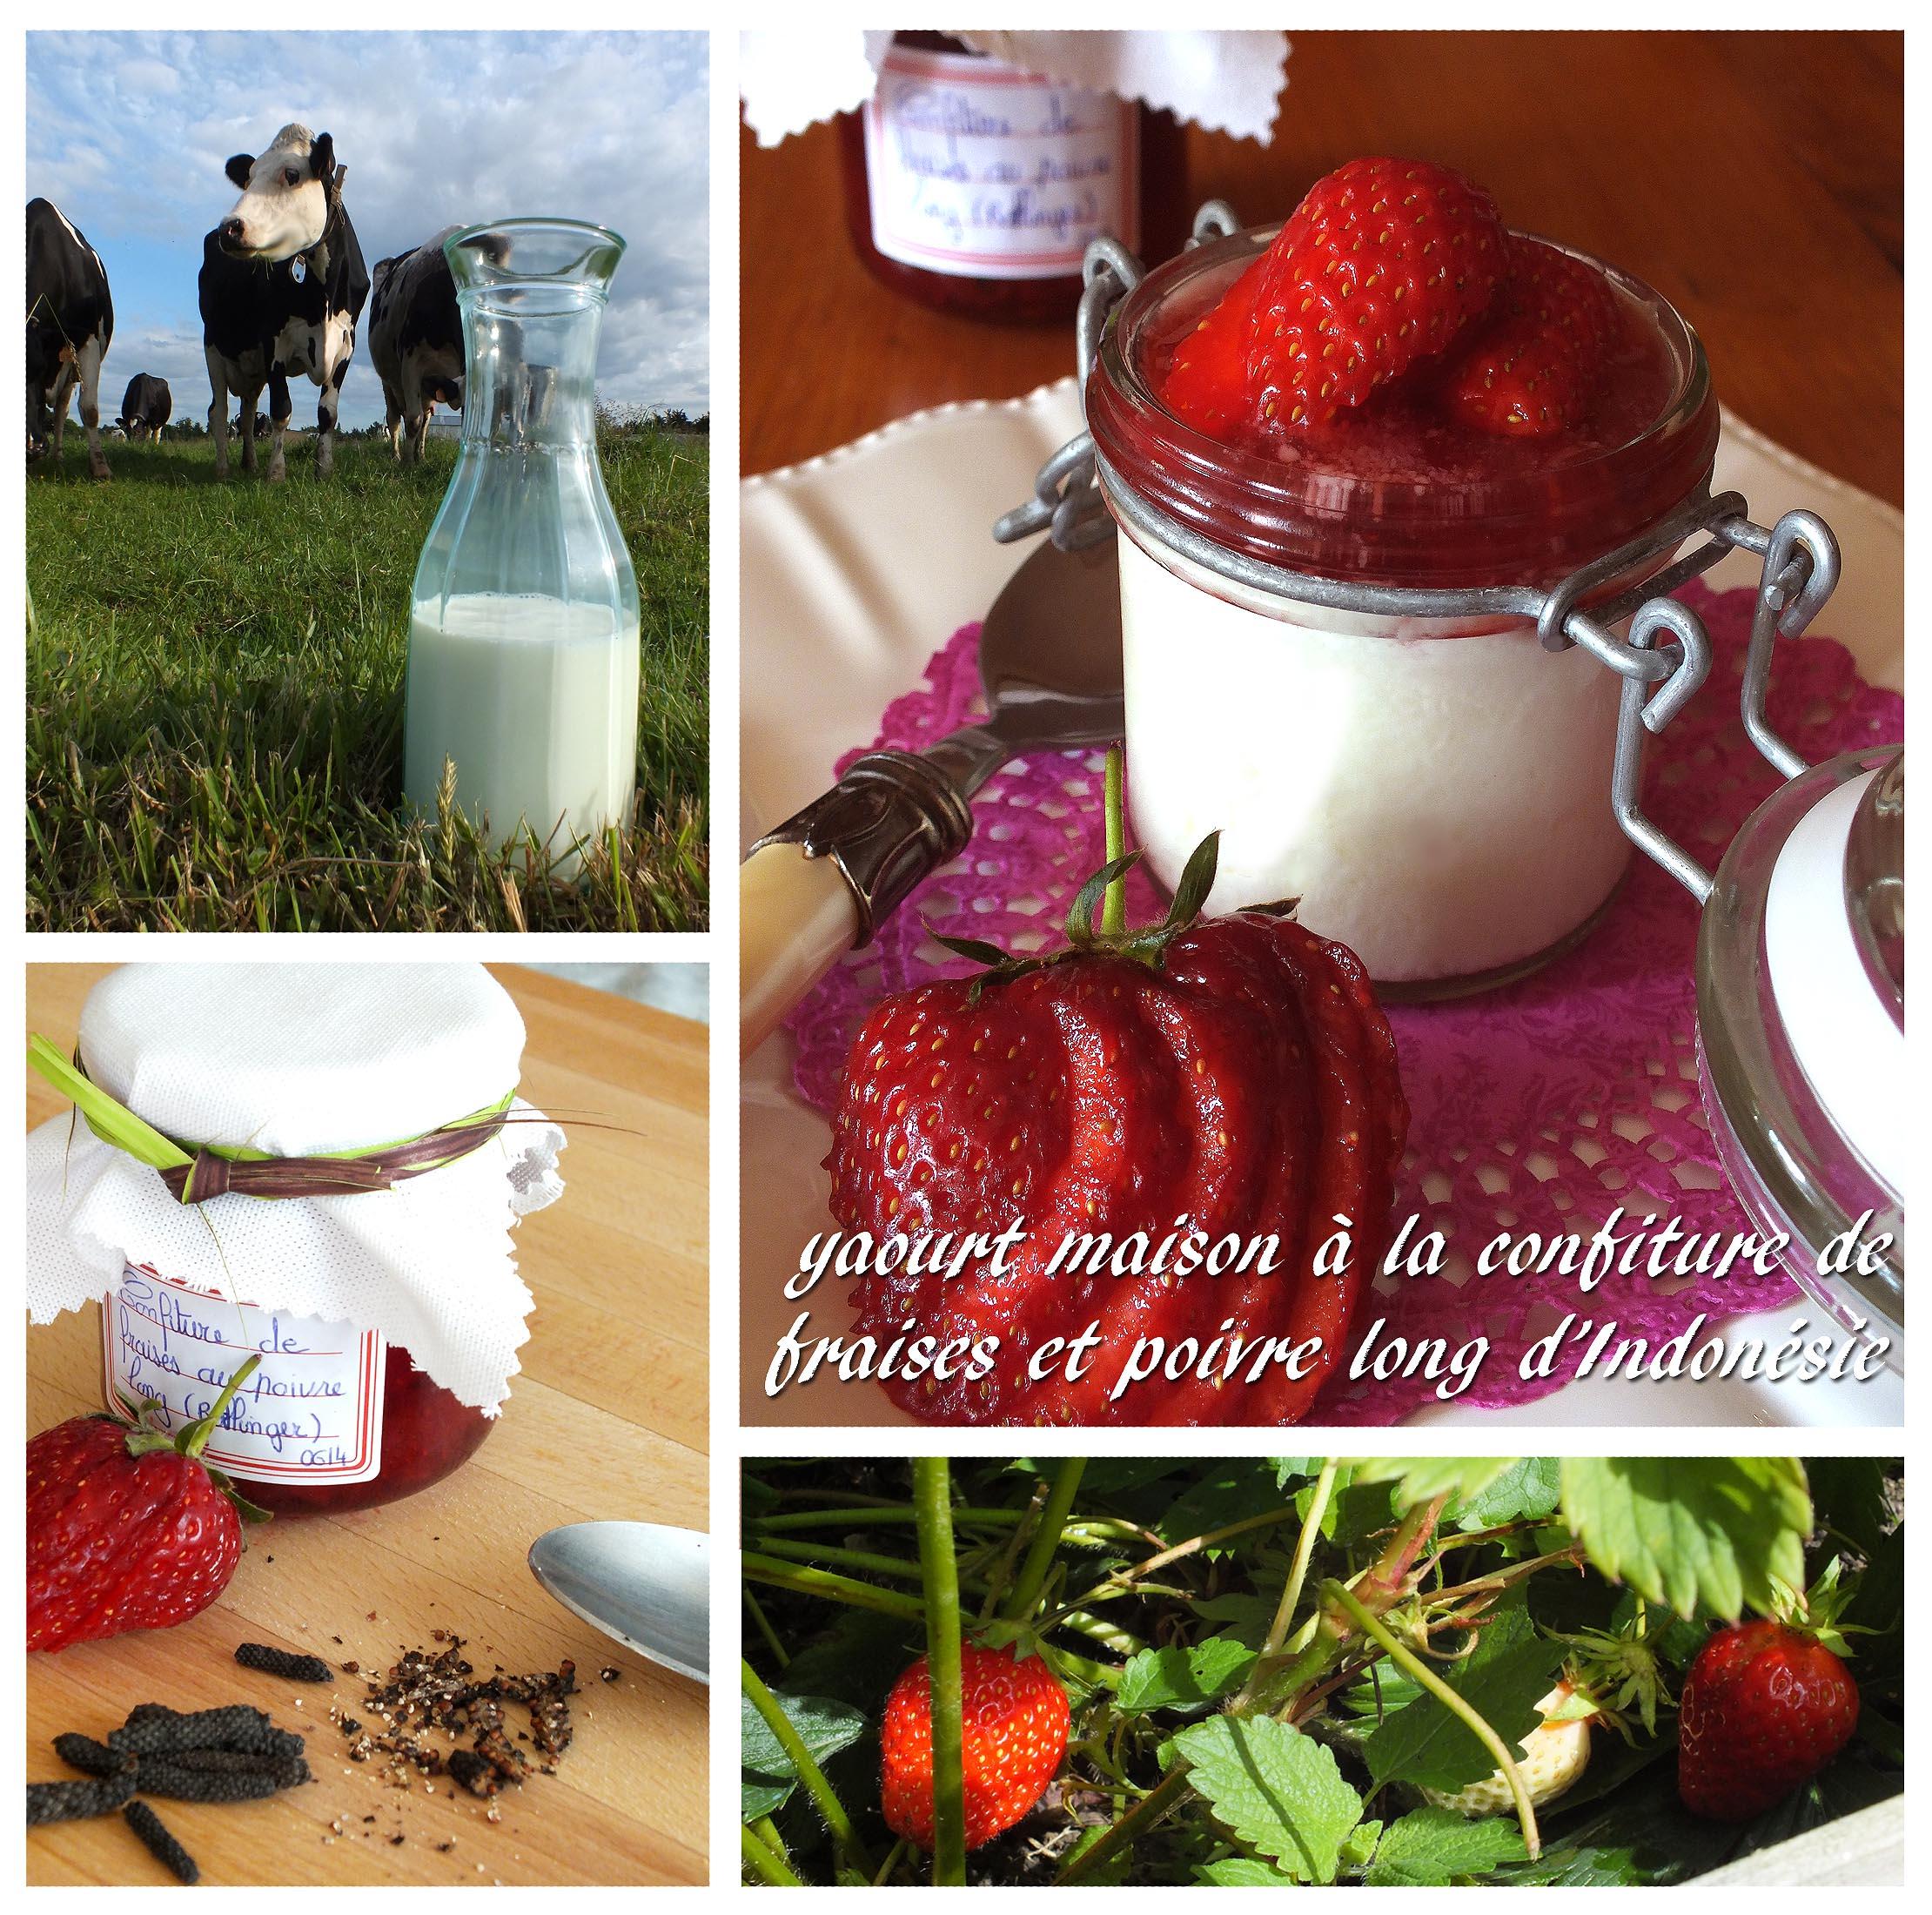 Yaourt maison la confiture de fraises poivre long d - Confiture de fraise maison ...